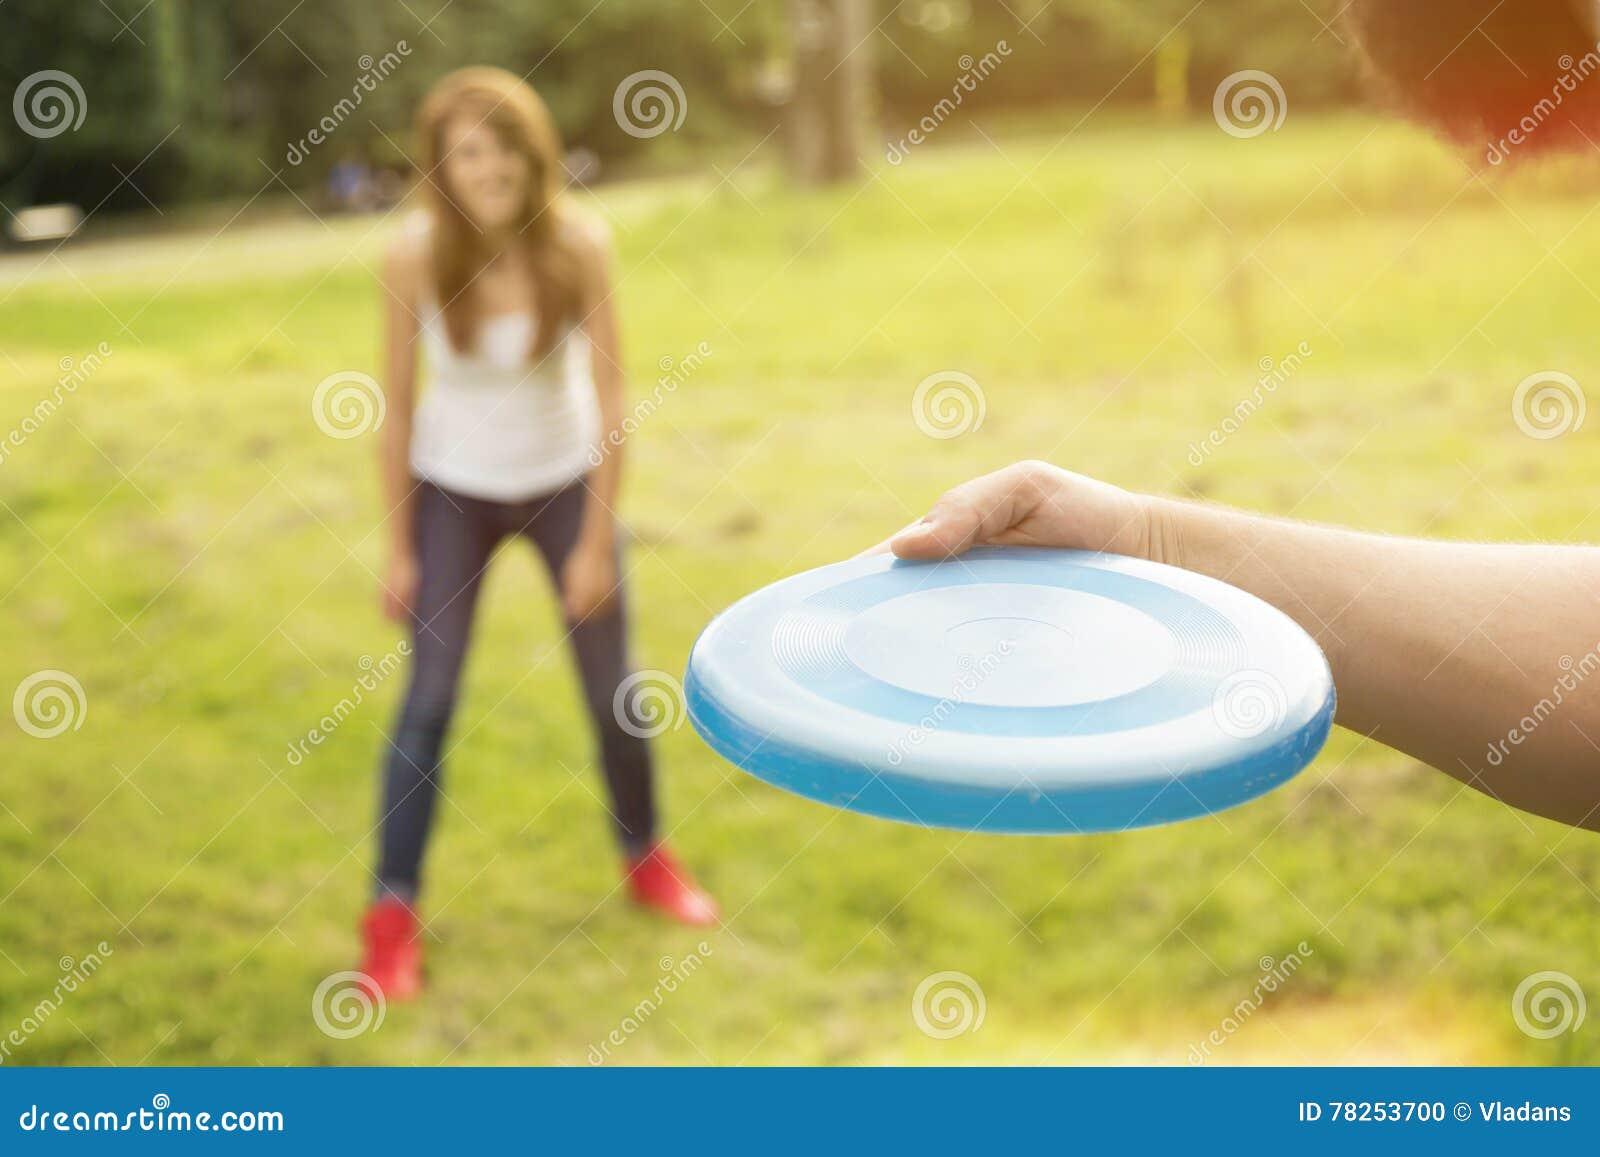 Πιάστε το frisbee